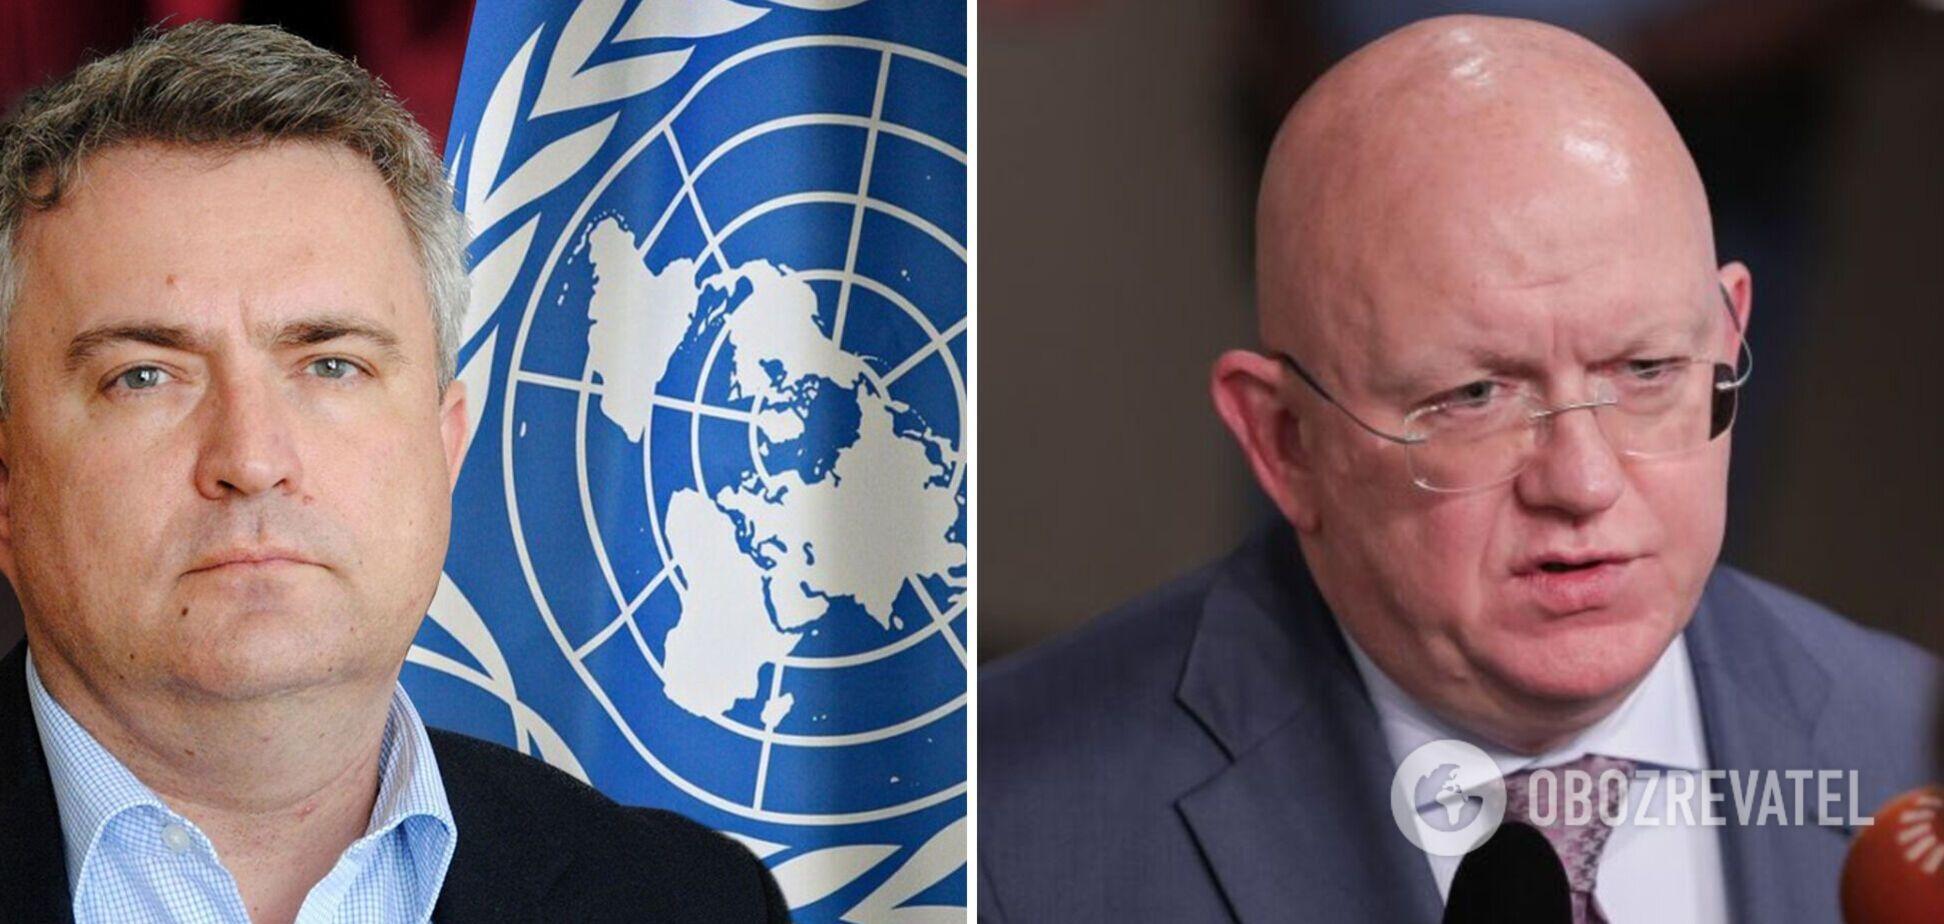 Представники України та РФ в ООН Сергій Кислиця та Василь Небензя